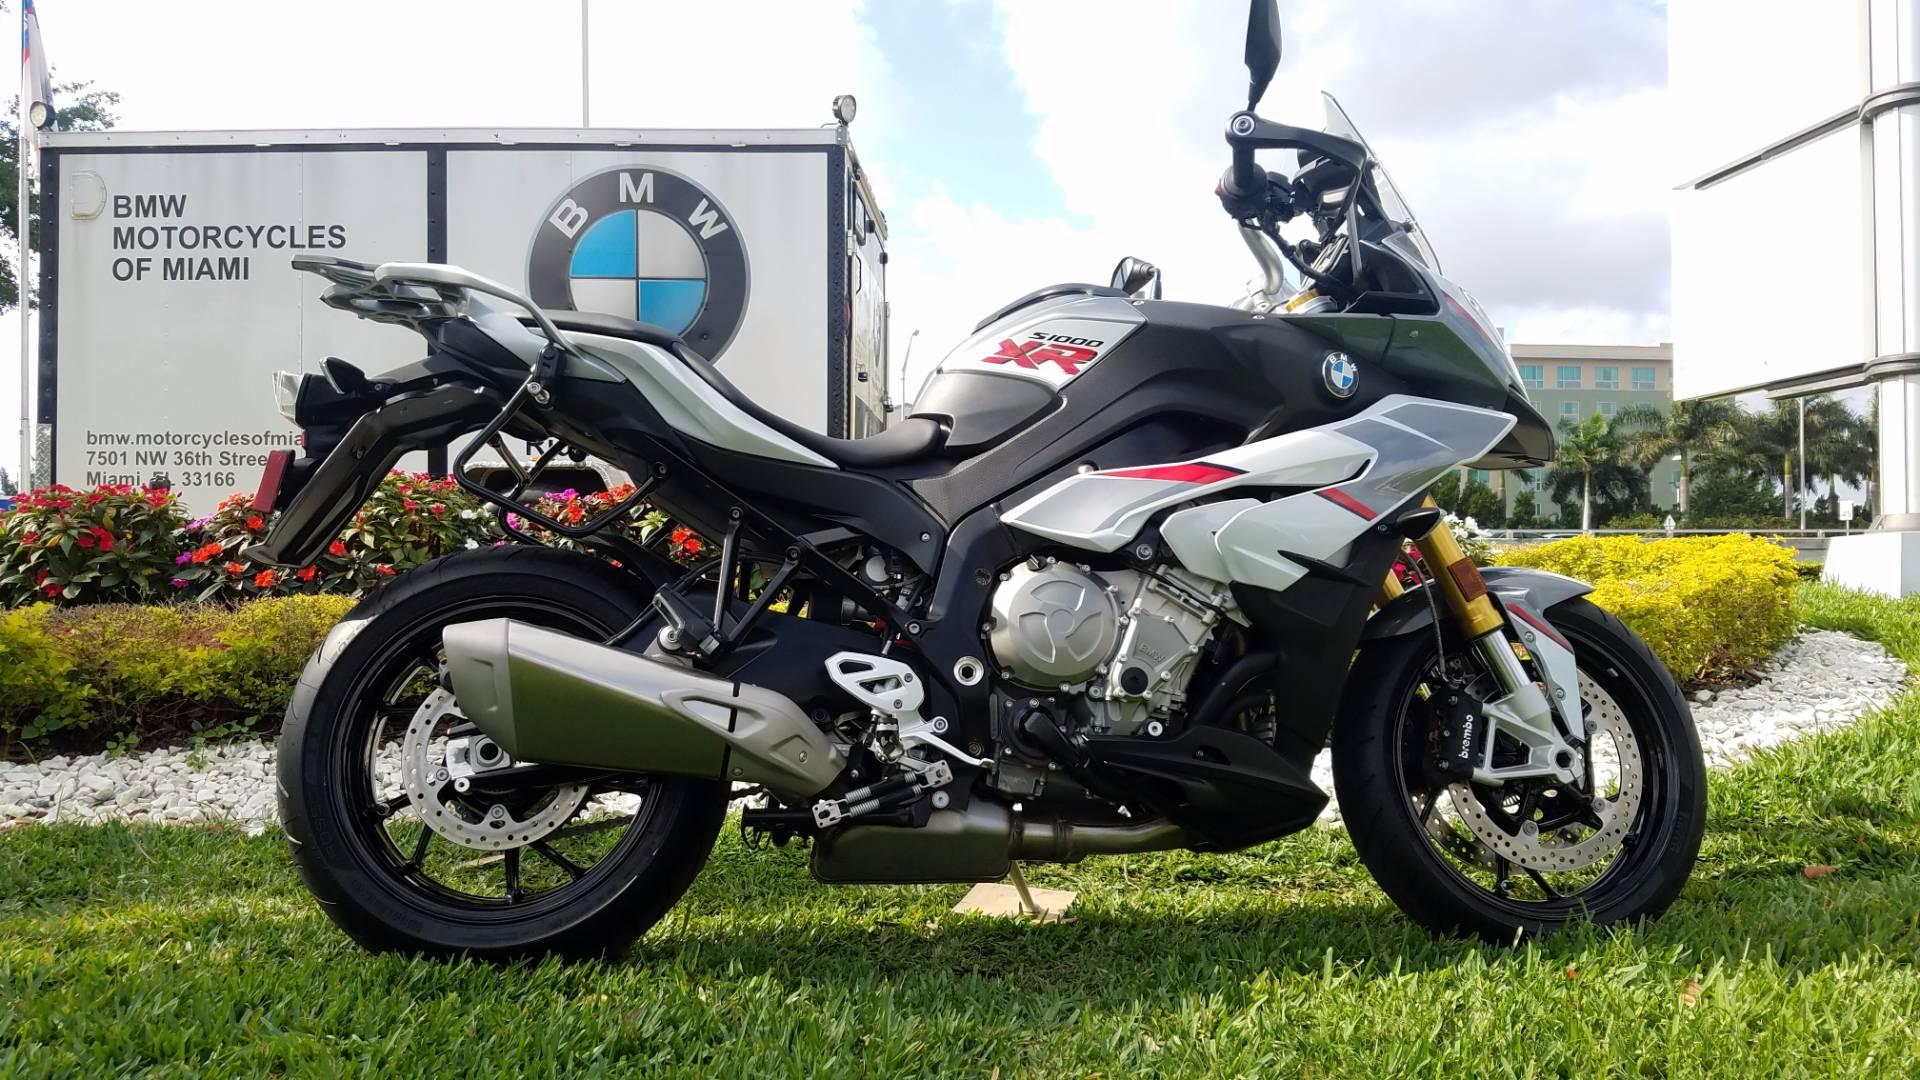 2016 S 1000 XR